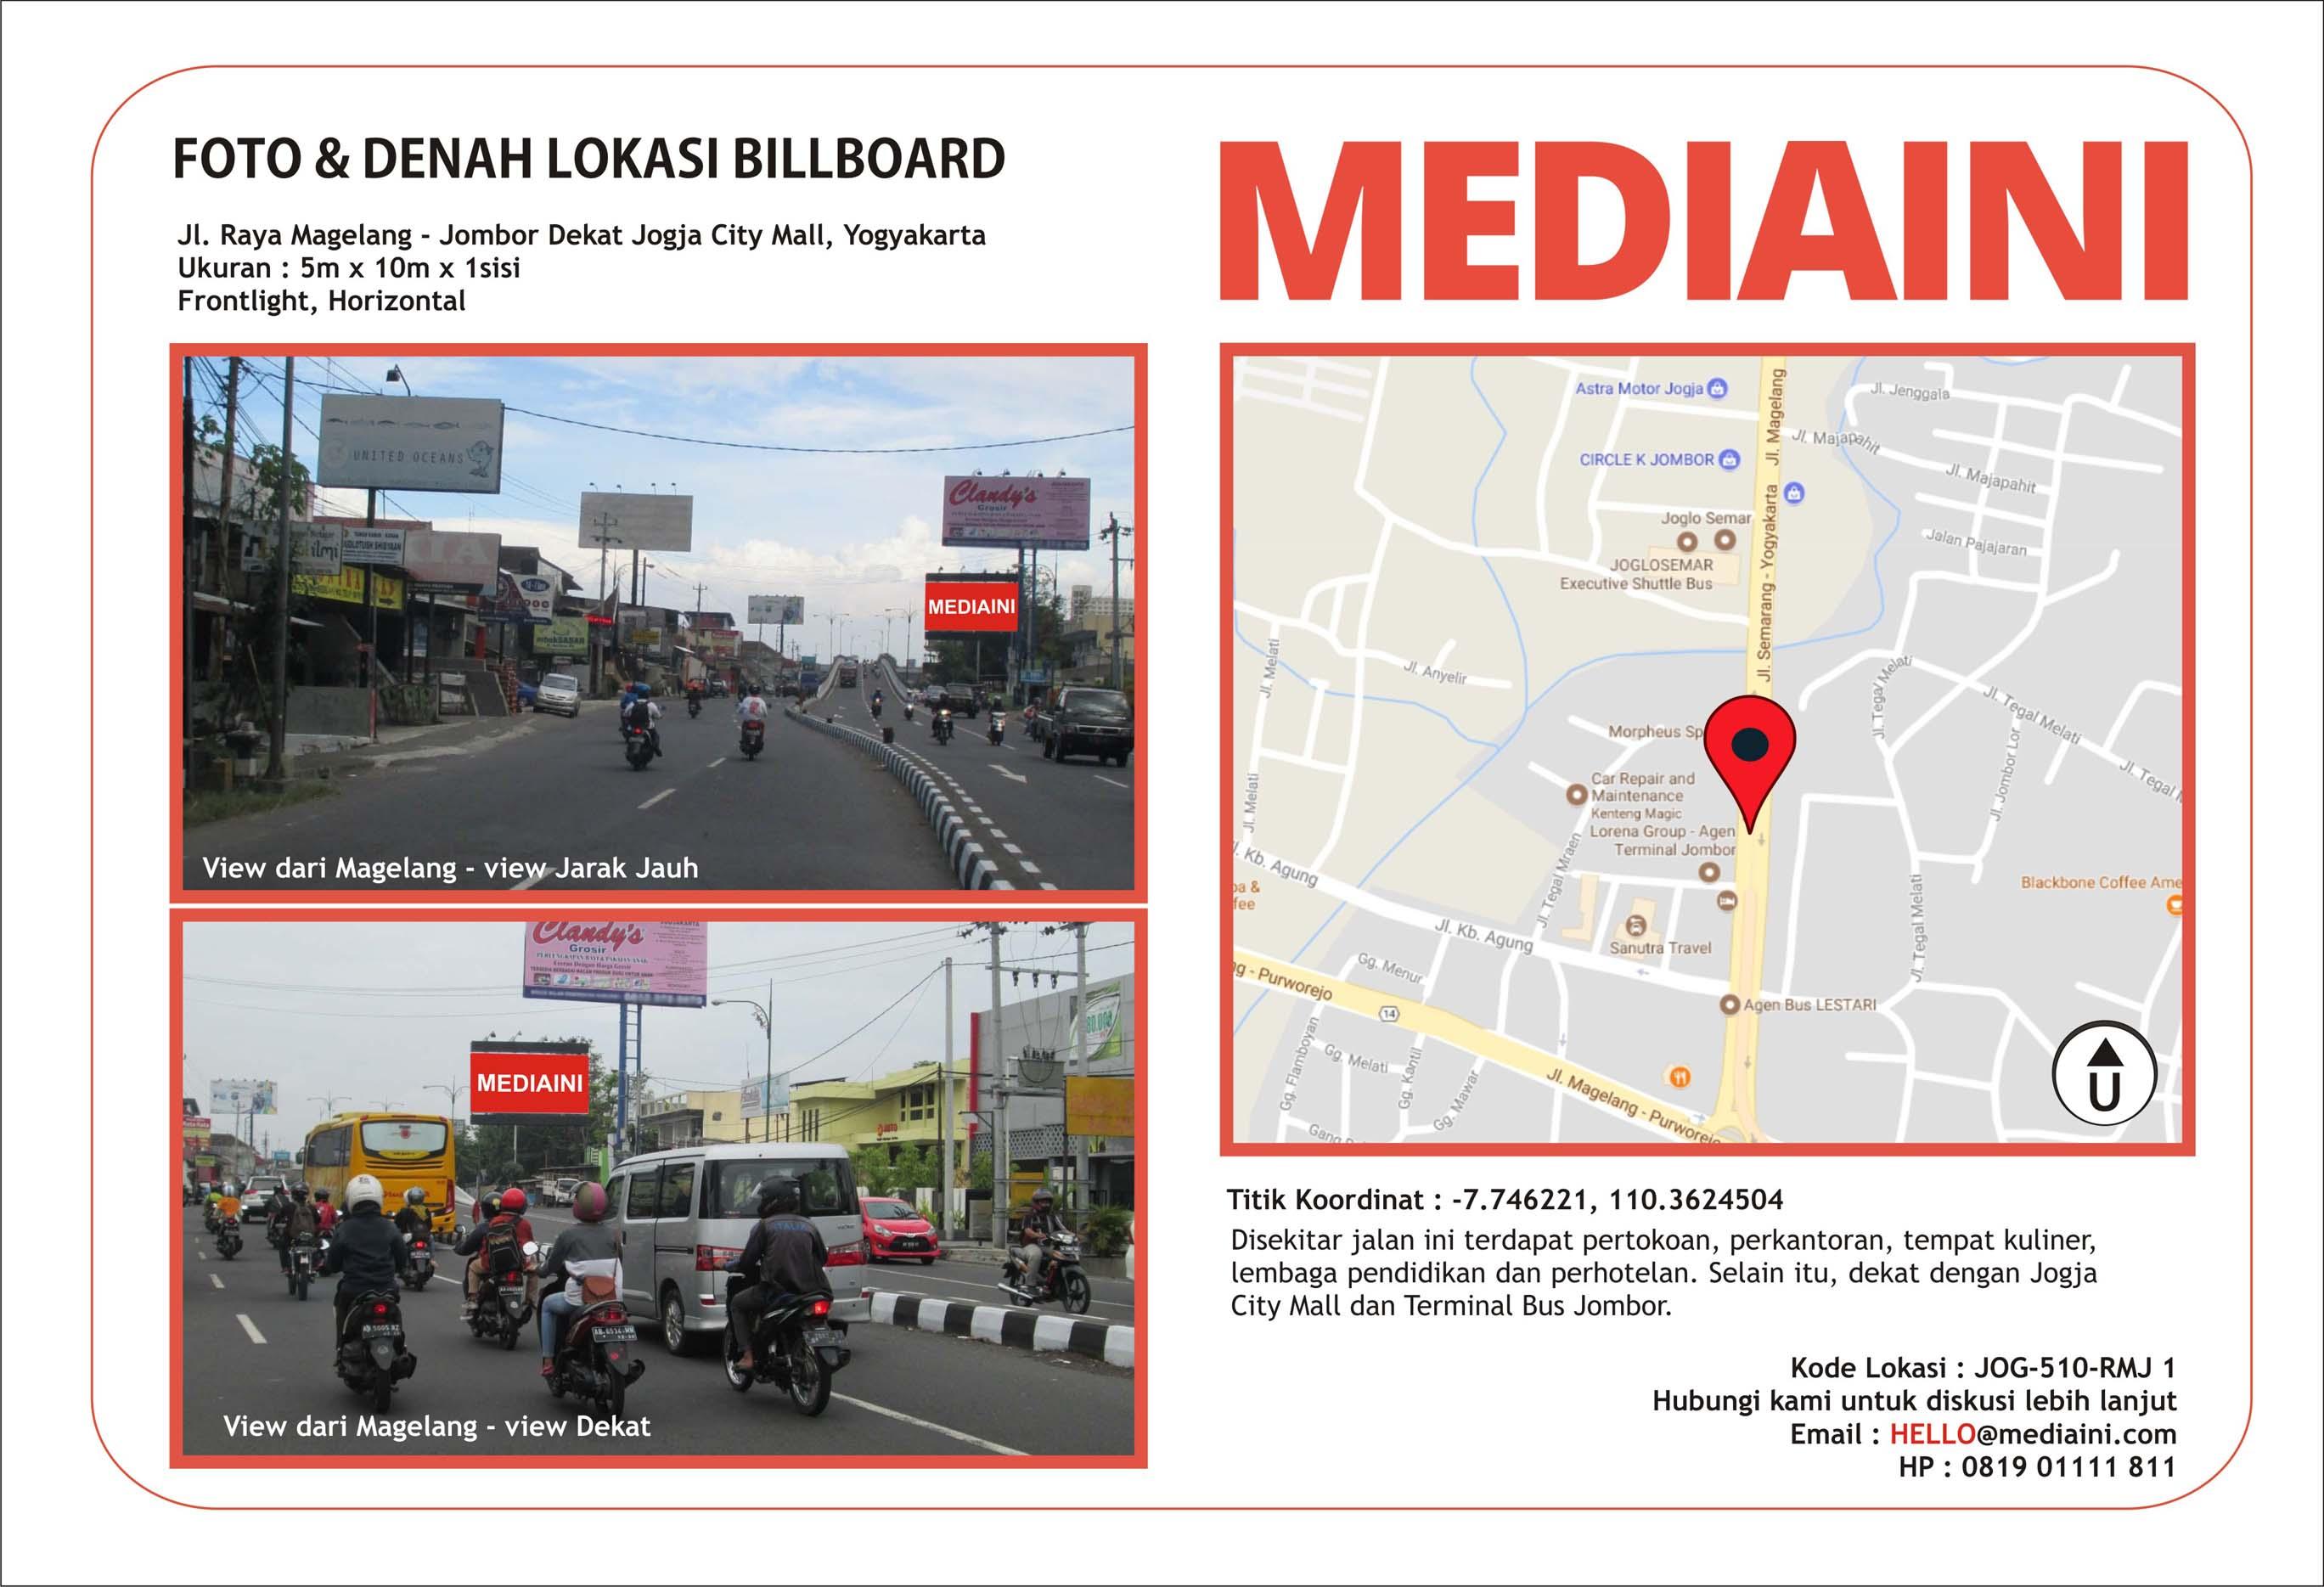 billboard di yogyakarta jl. raya magelang - jombor dekat jogja city mall (1)